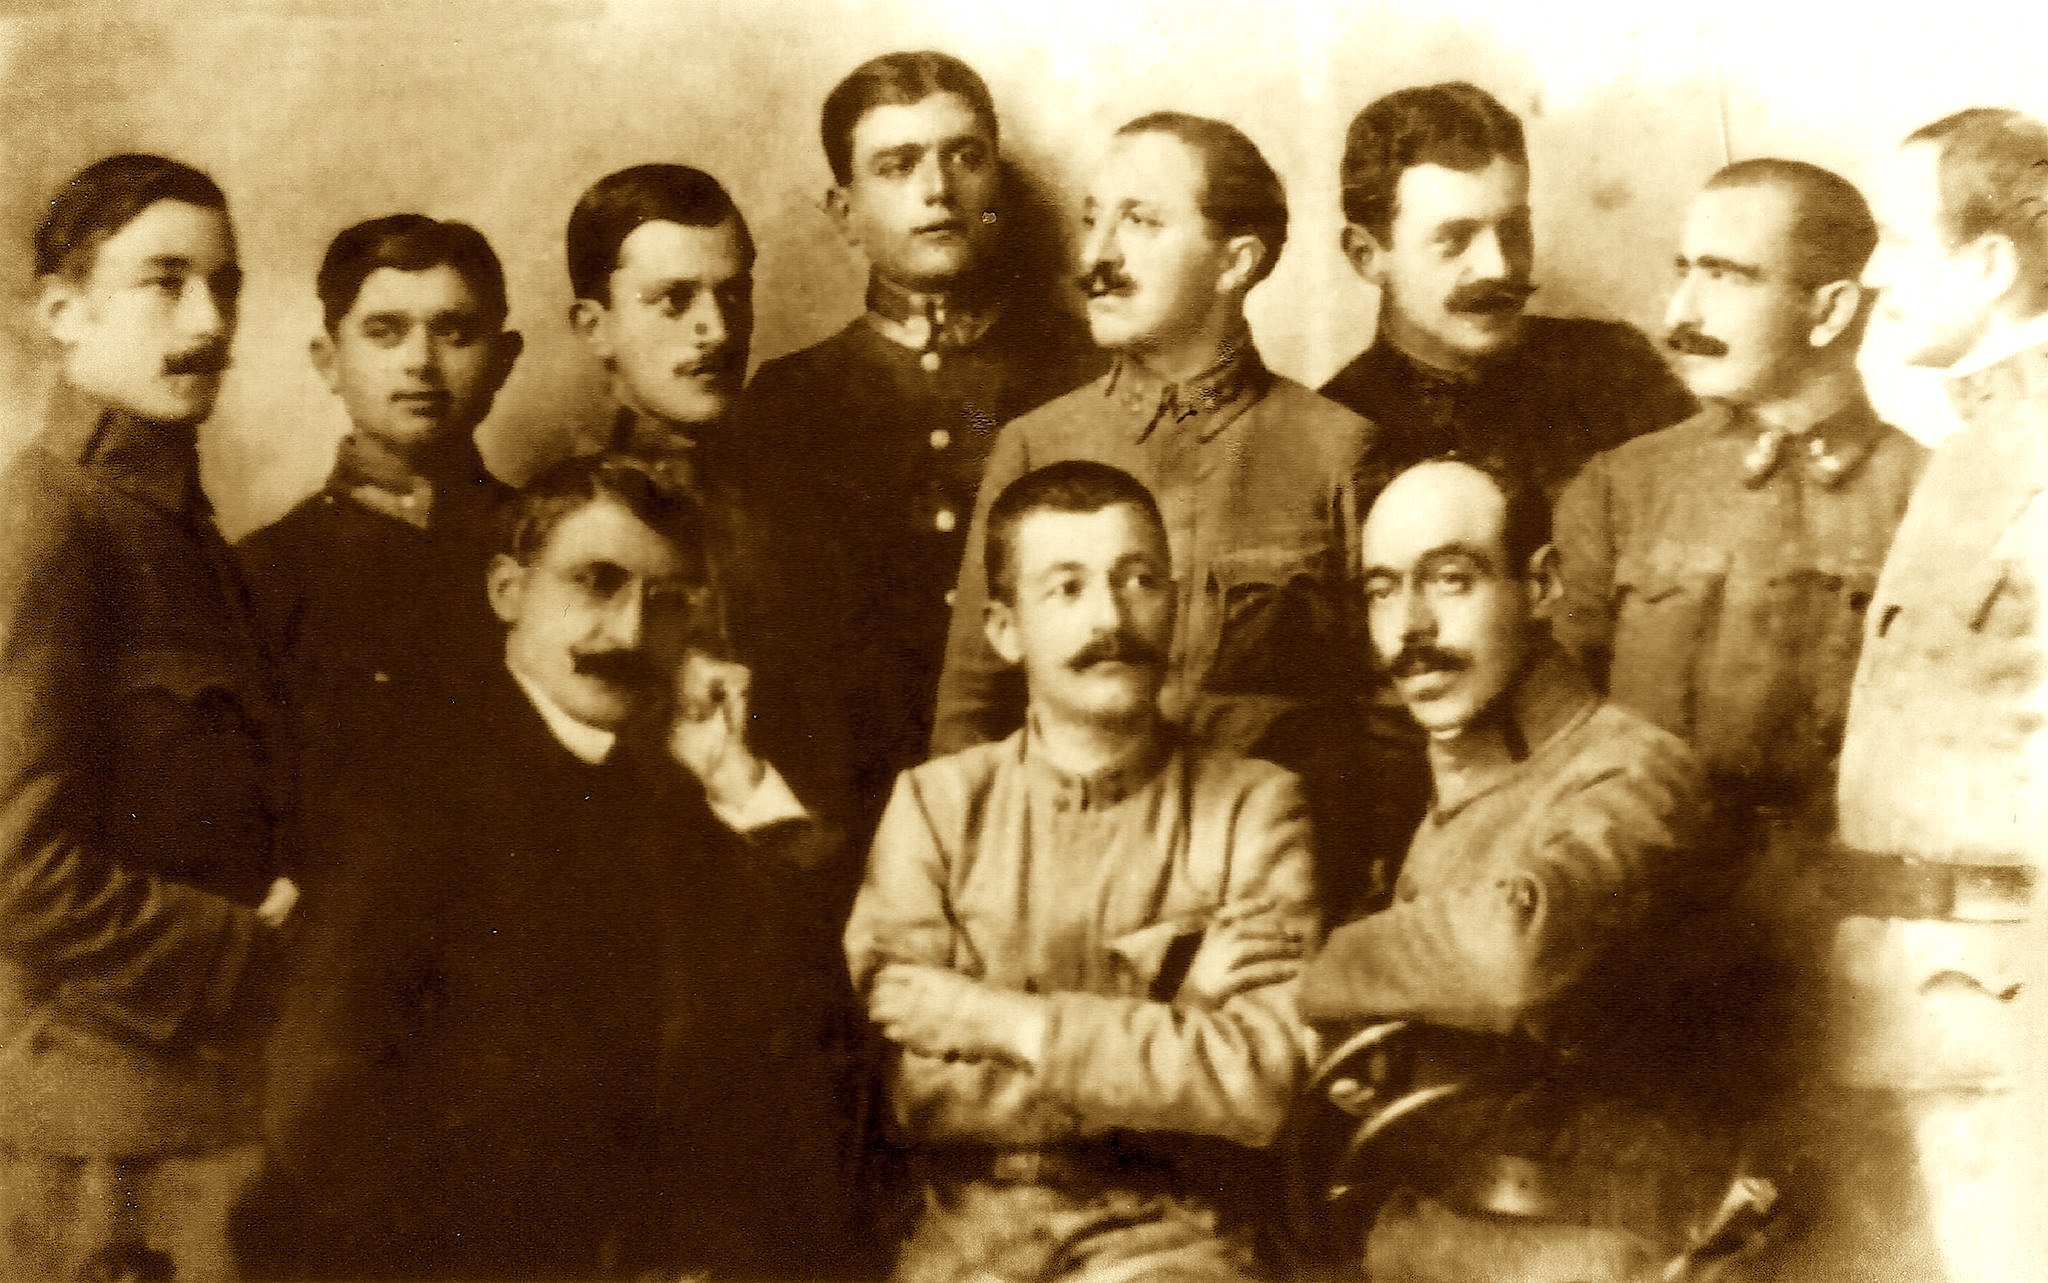 Oficerë shqiptarë në shërbim të Austro-hungarisë 1916